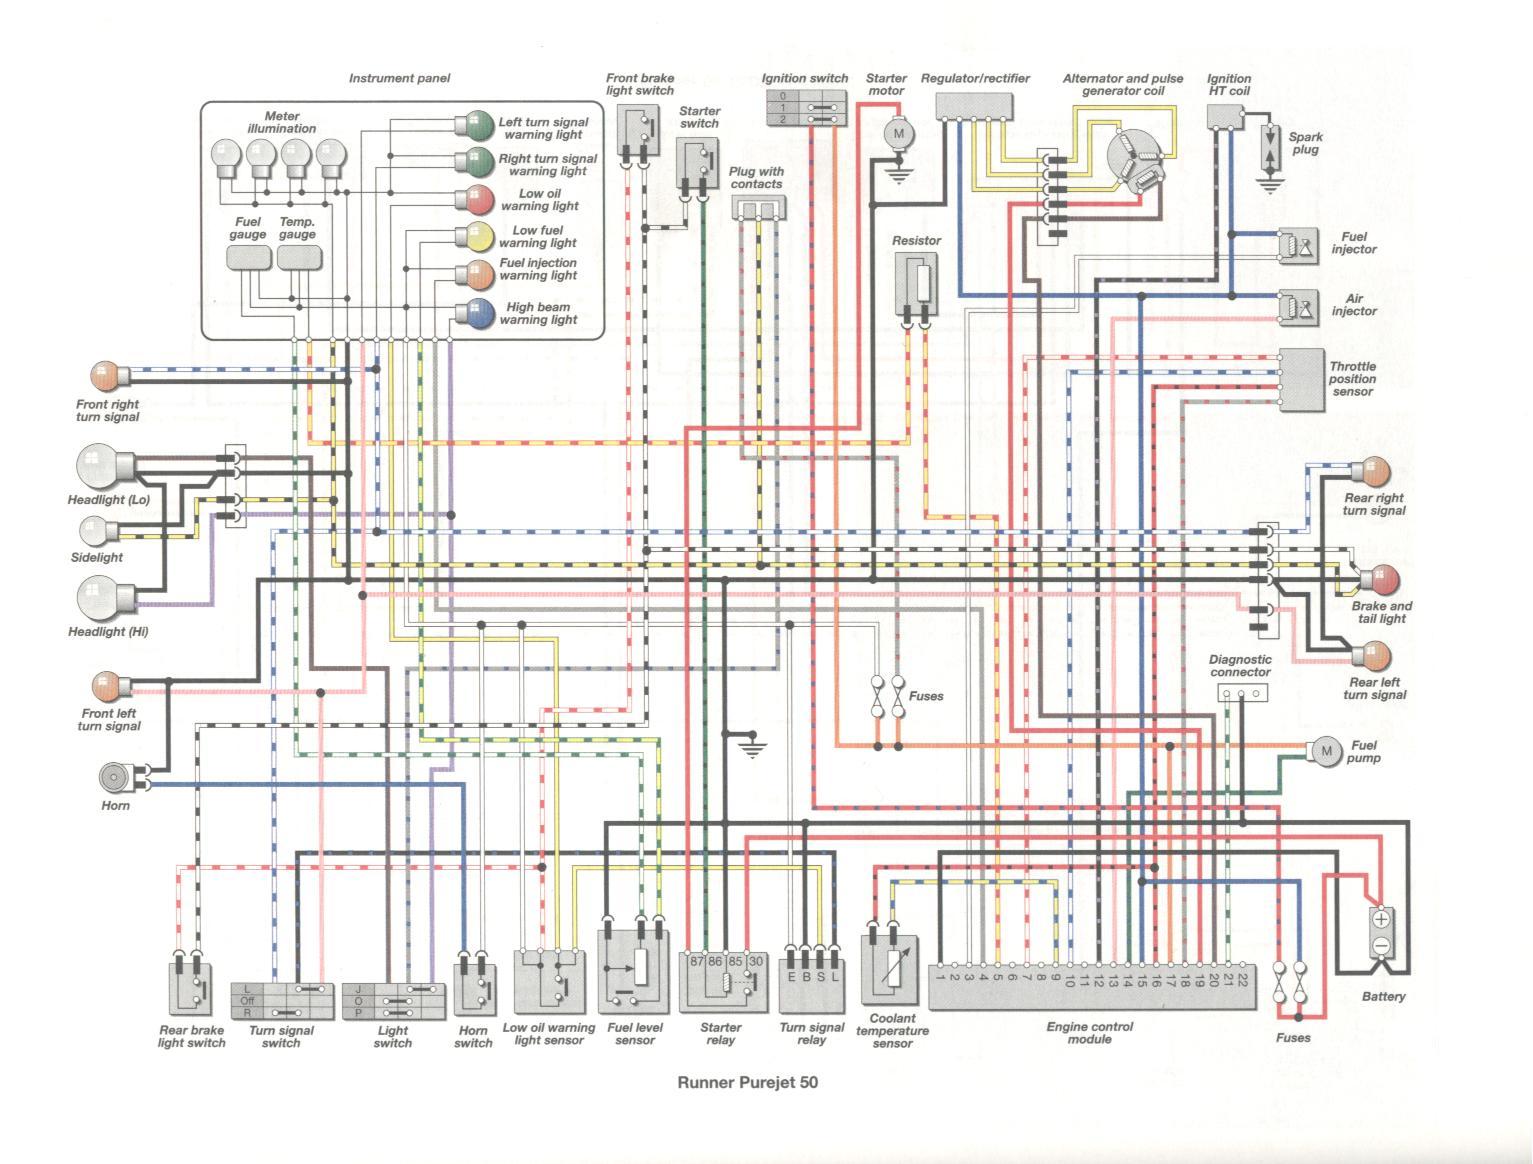 Схема электрооборудования скутеров Gilera Runner 50 Purejet